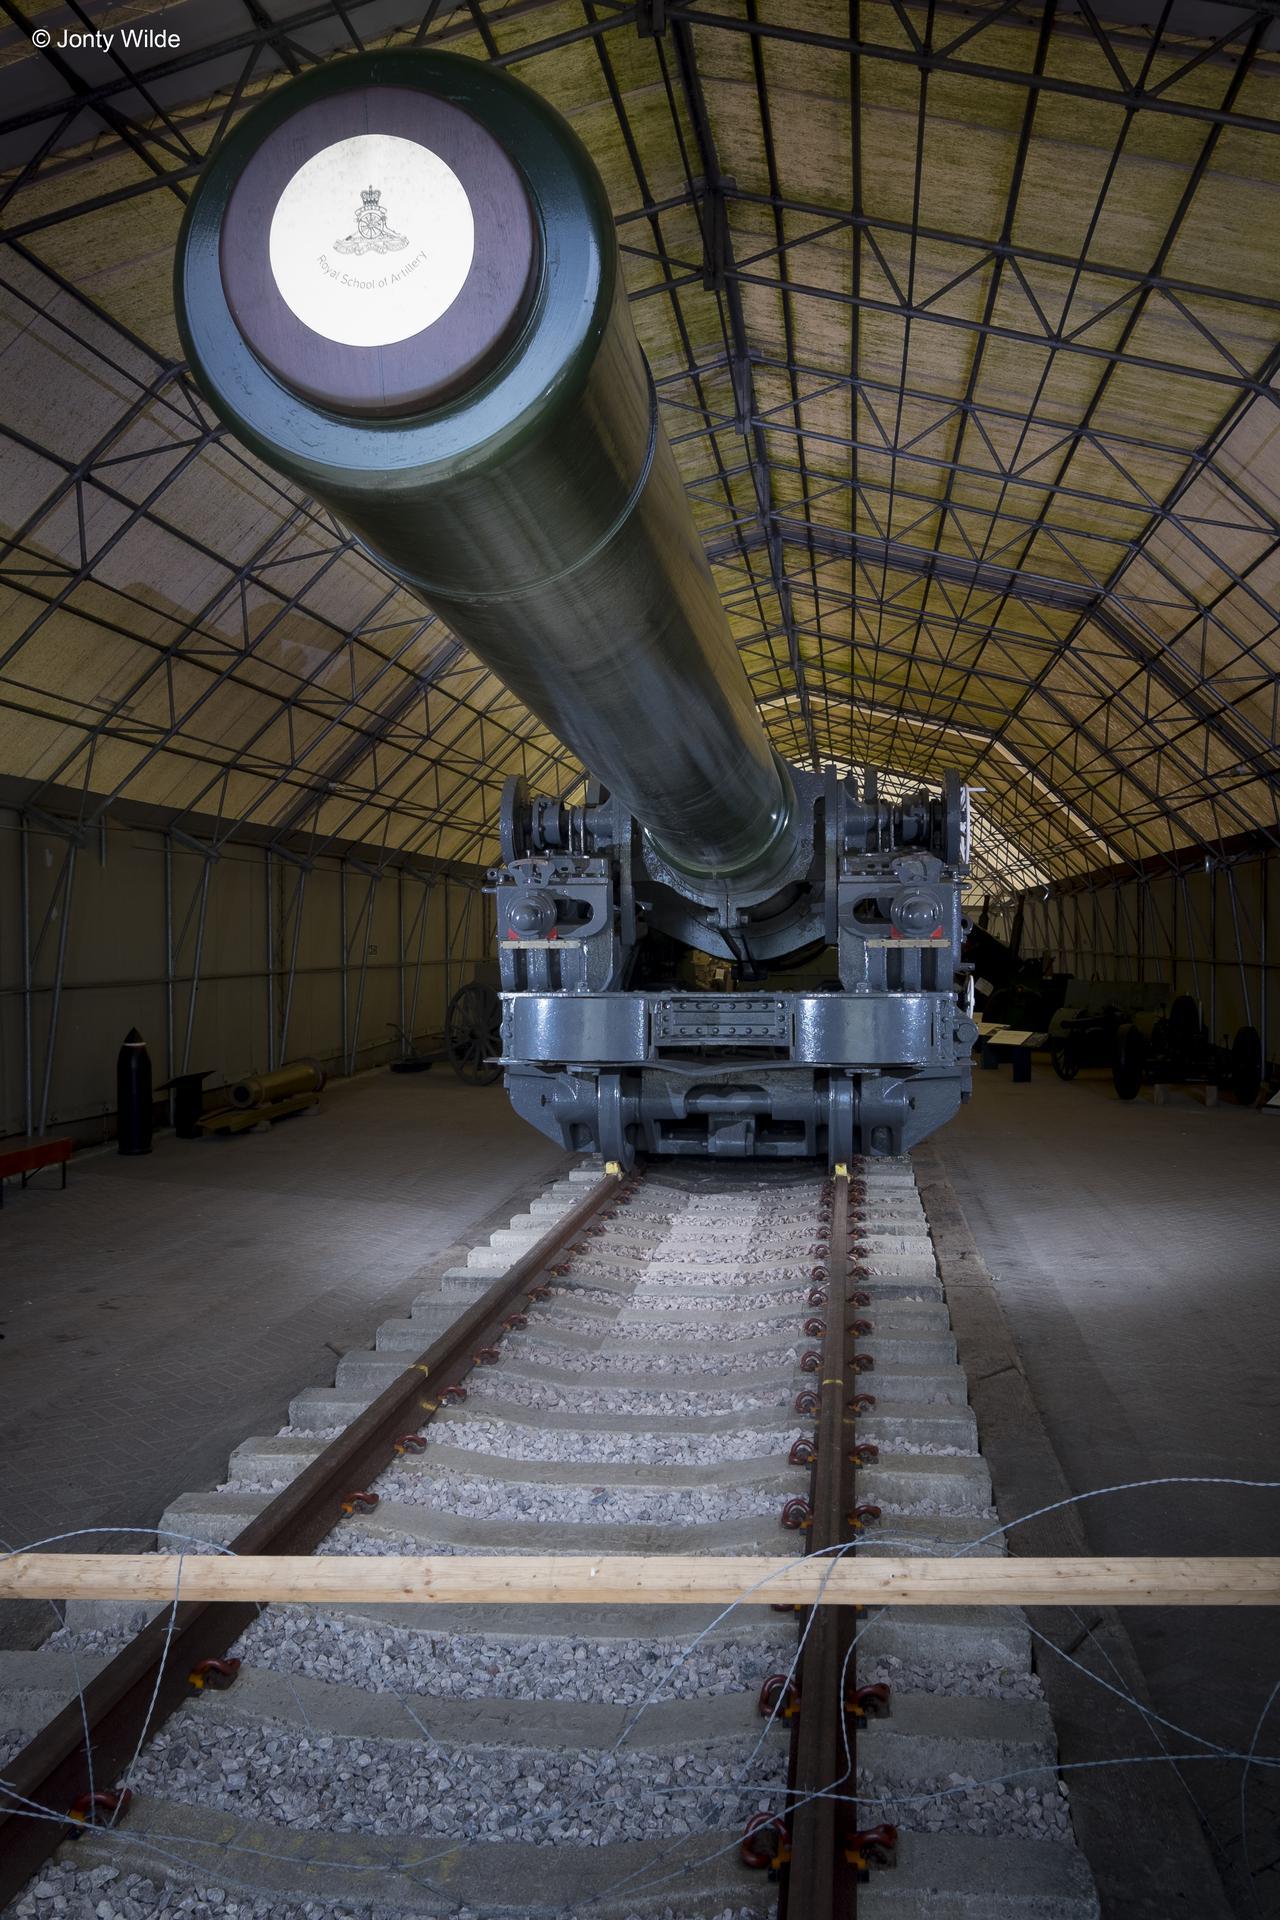 18 inch breech loading Howitzer